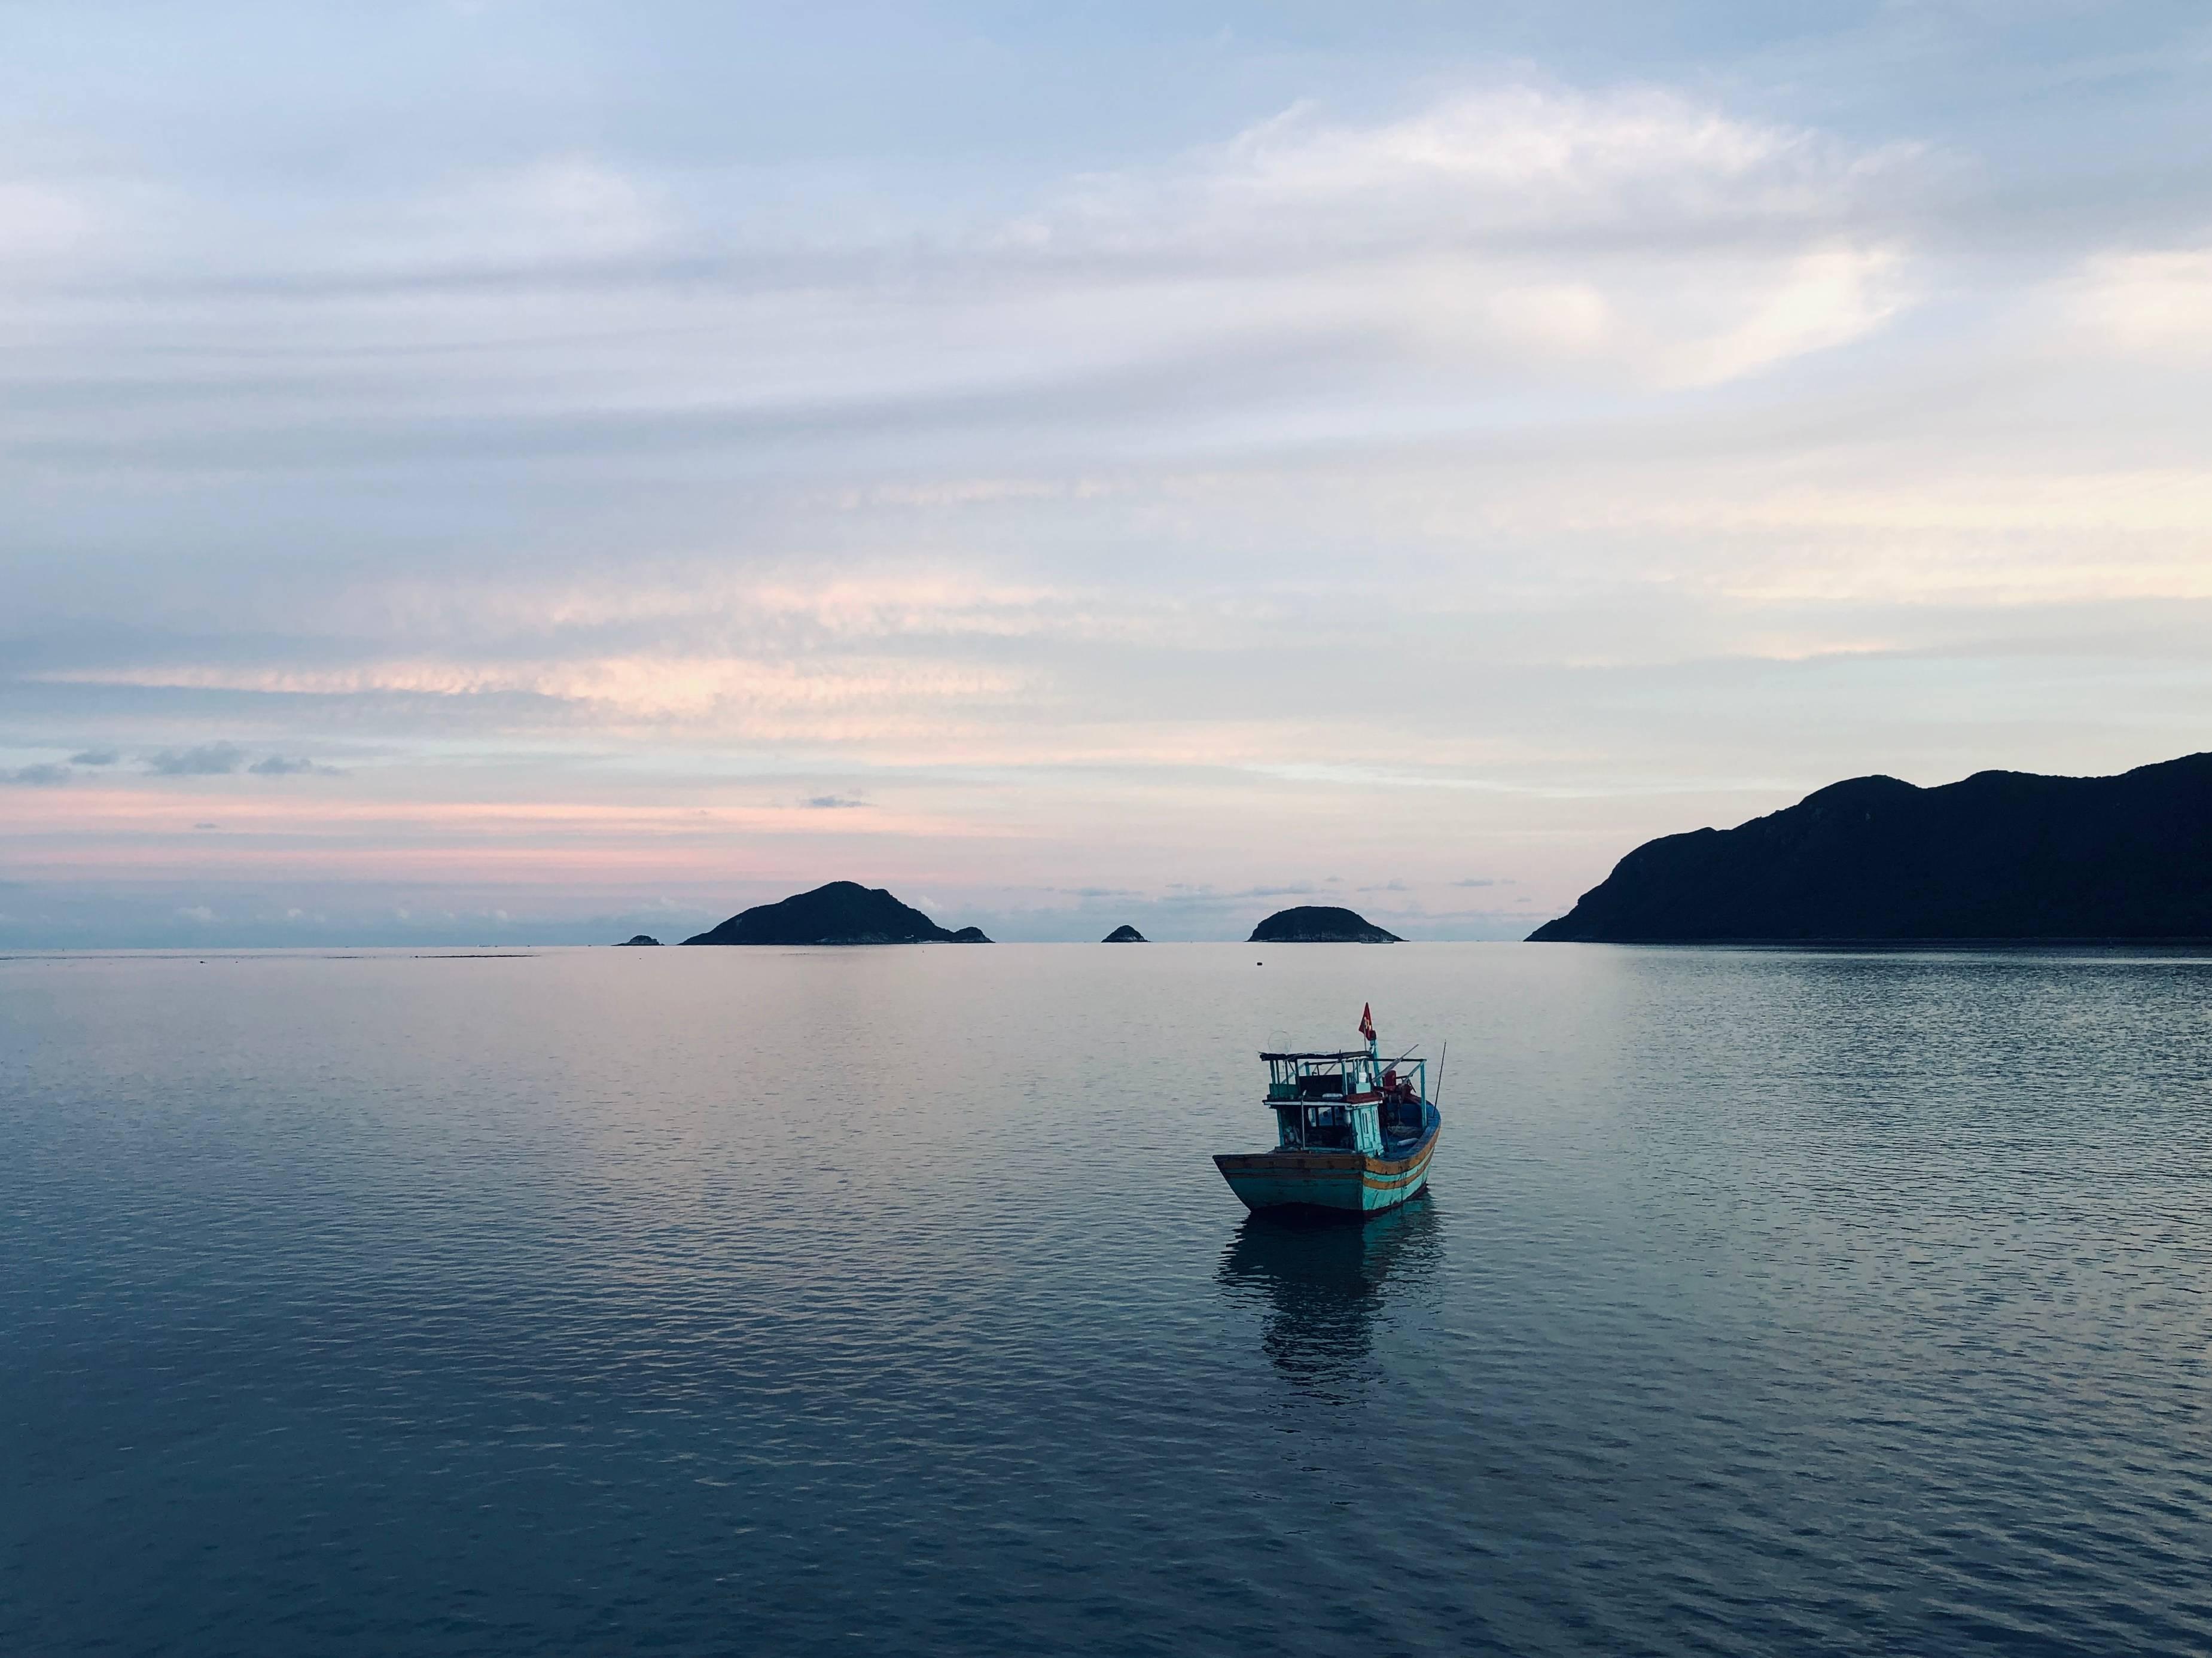 Điểm danh 15 địa điểm siêu đẹp ở Côn Đảo lên hình cực ảo - 9